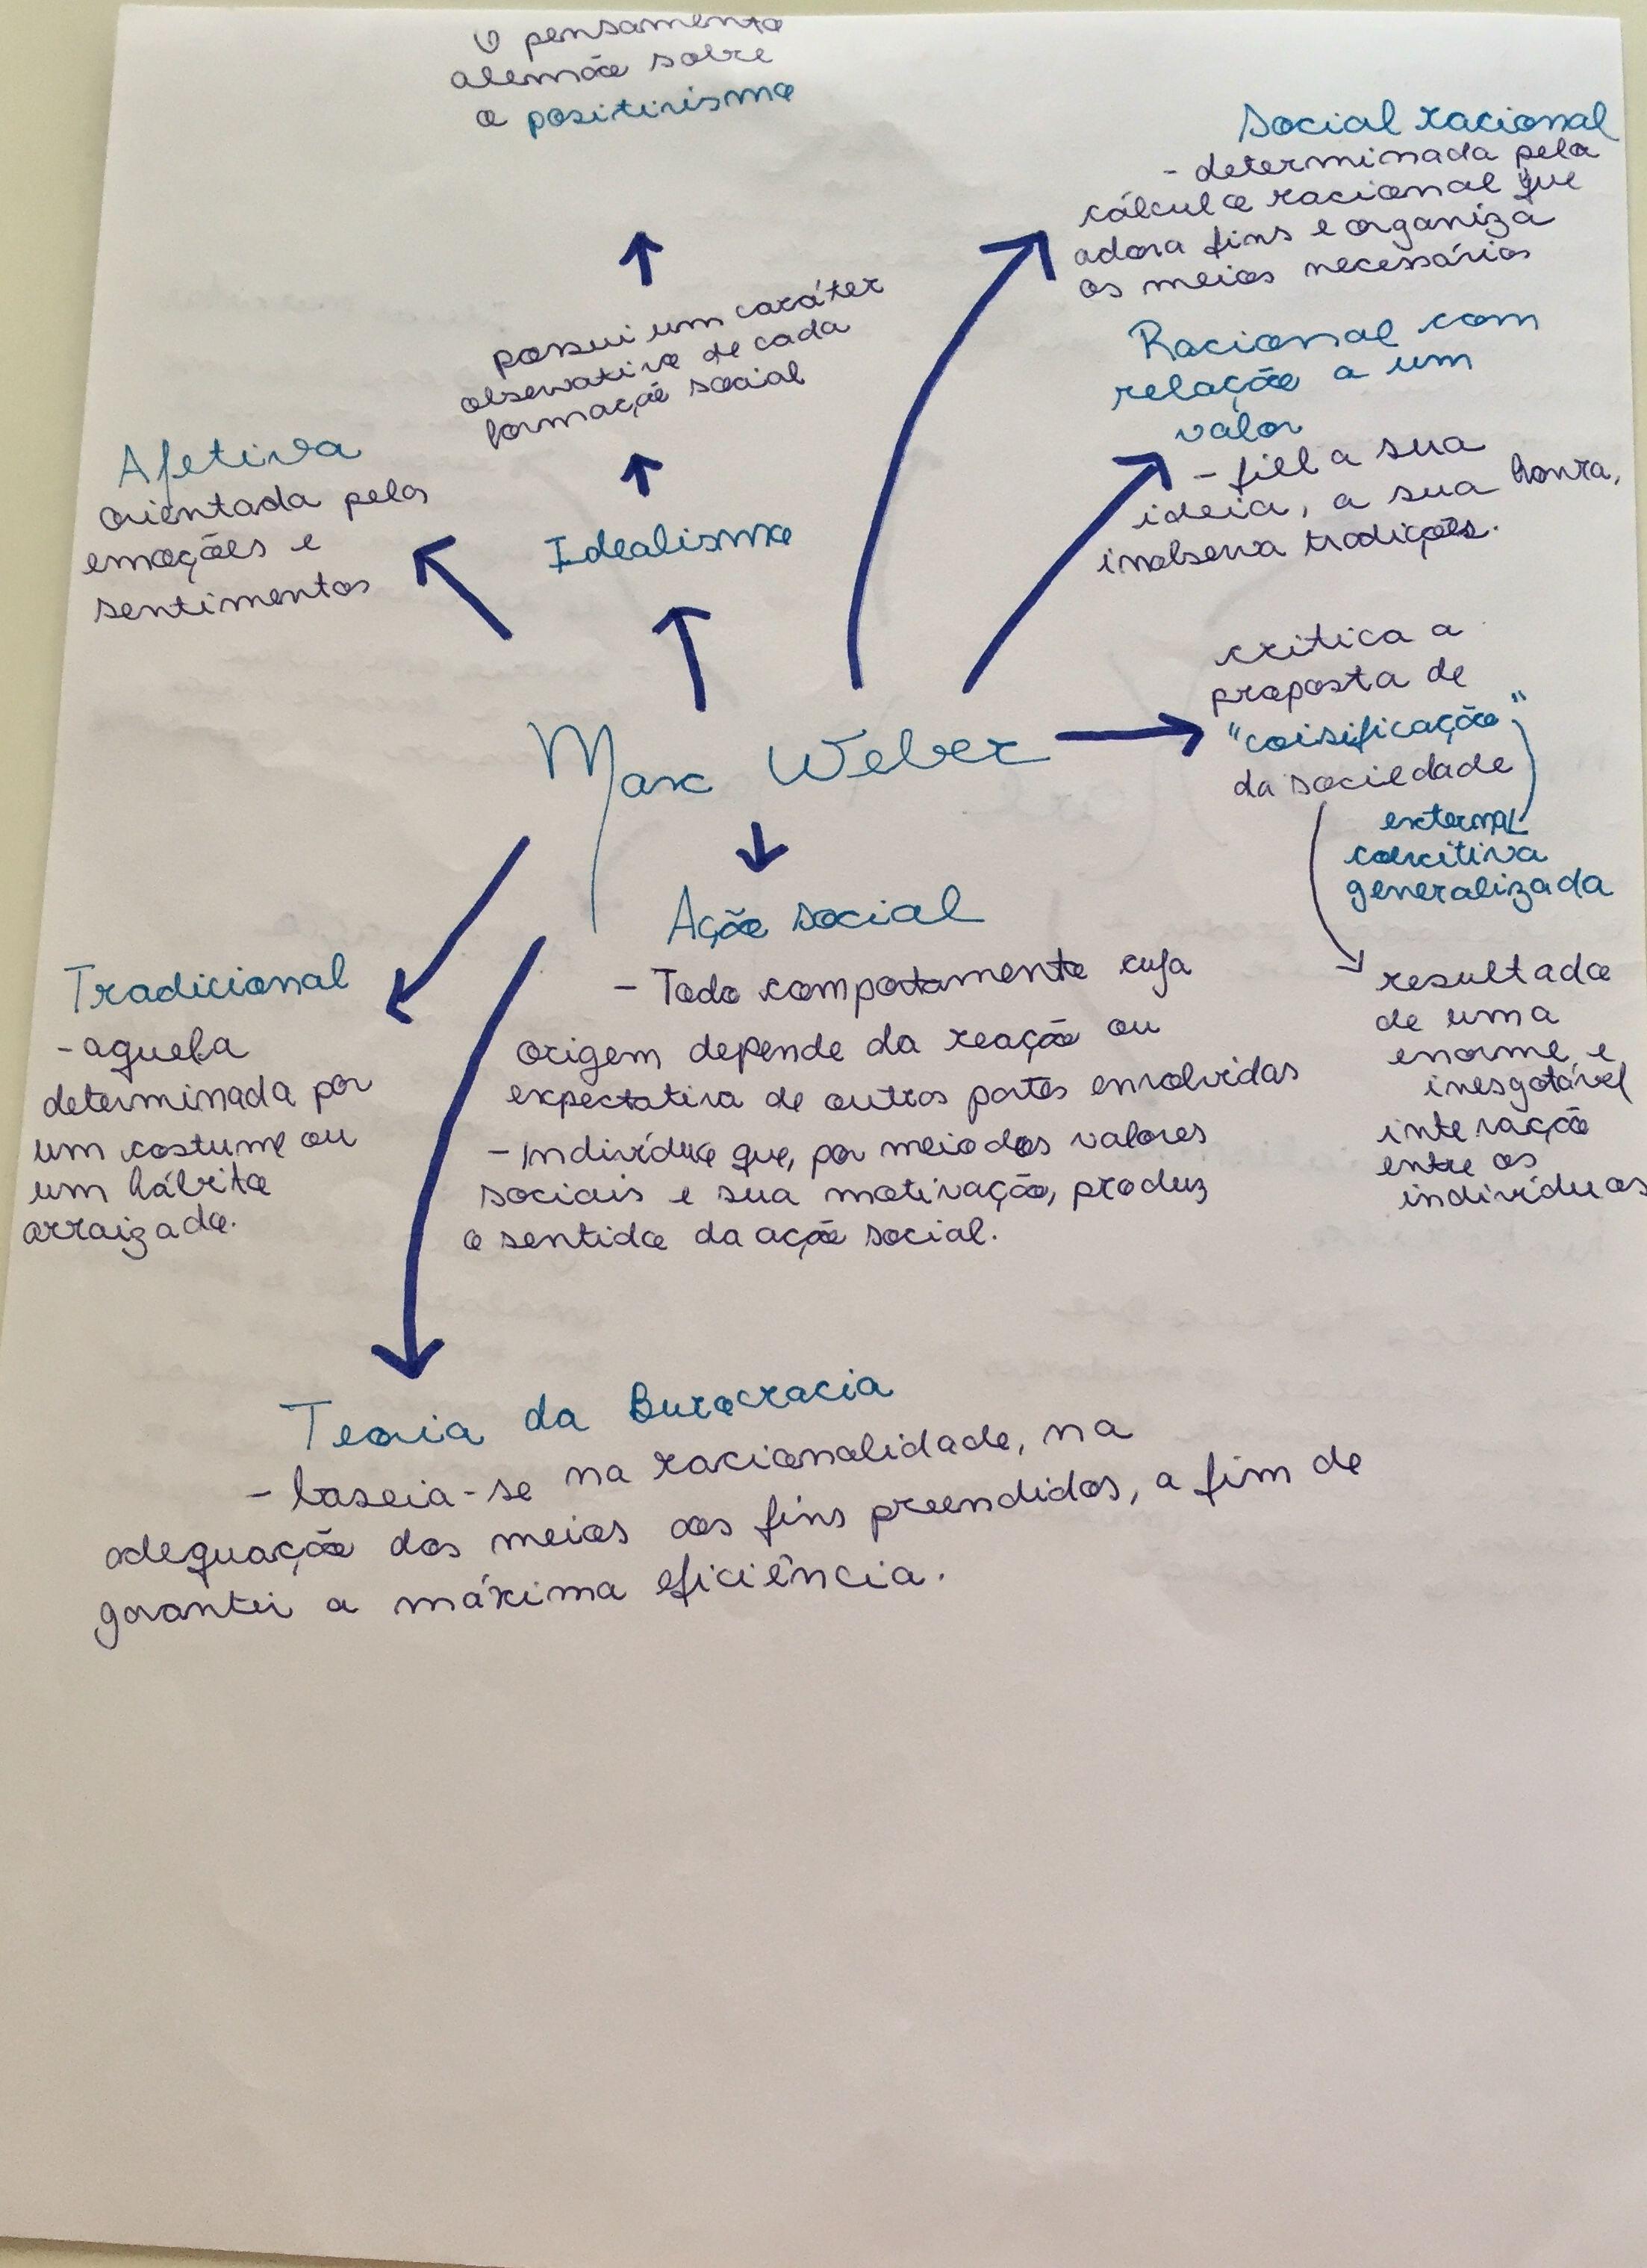 Resumo Mapa Mental Filosofia Sociologia Sociologia Filosofia